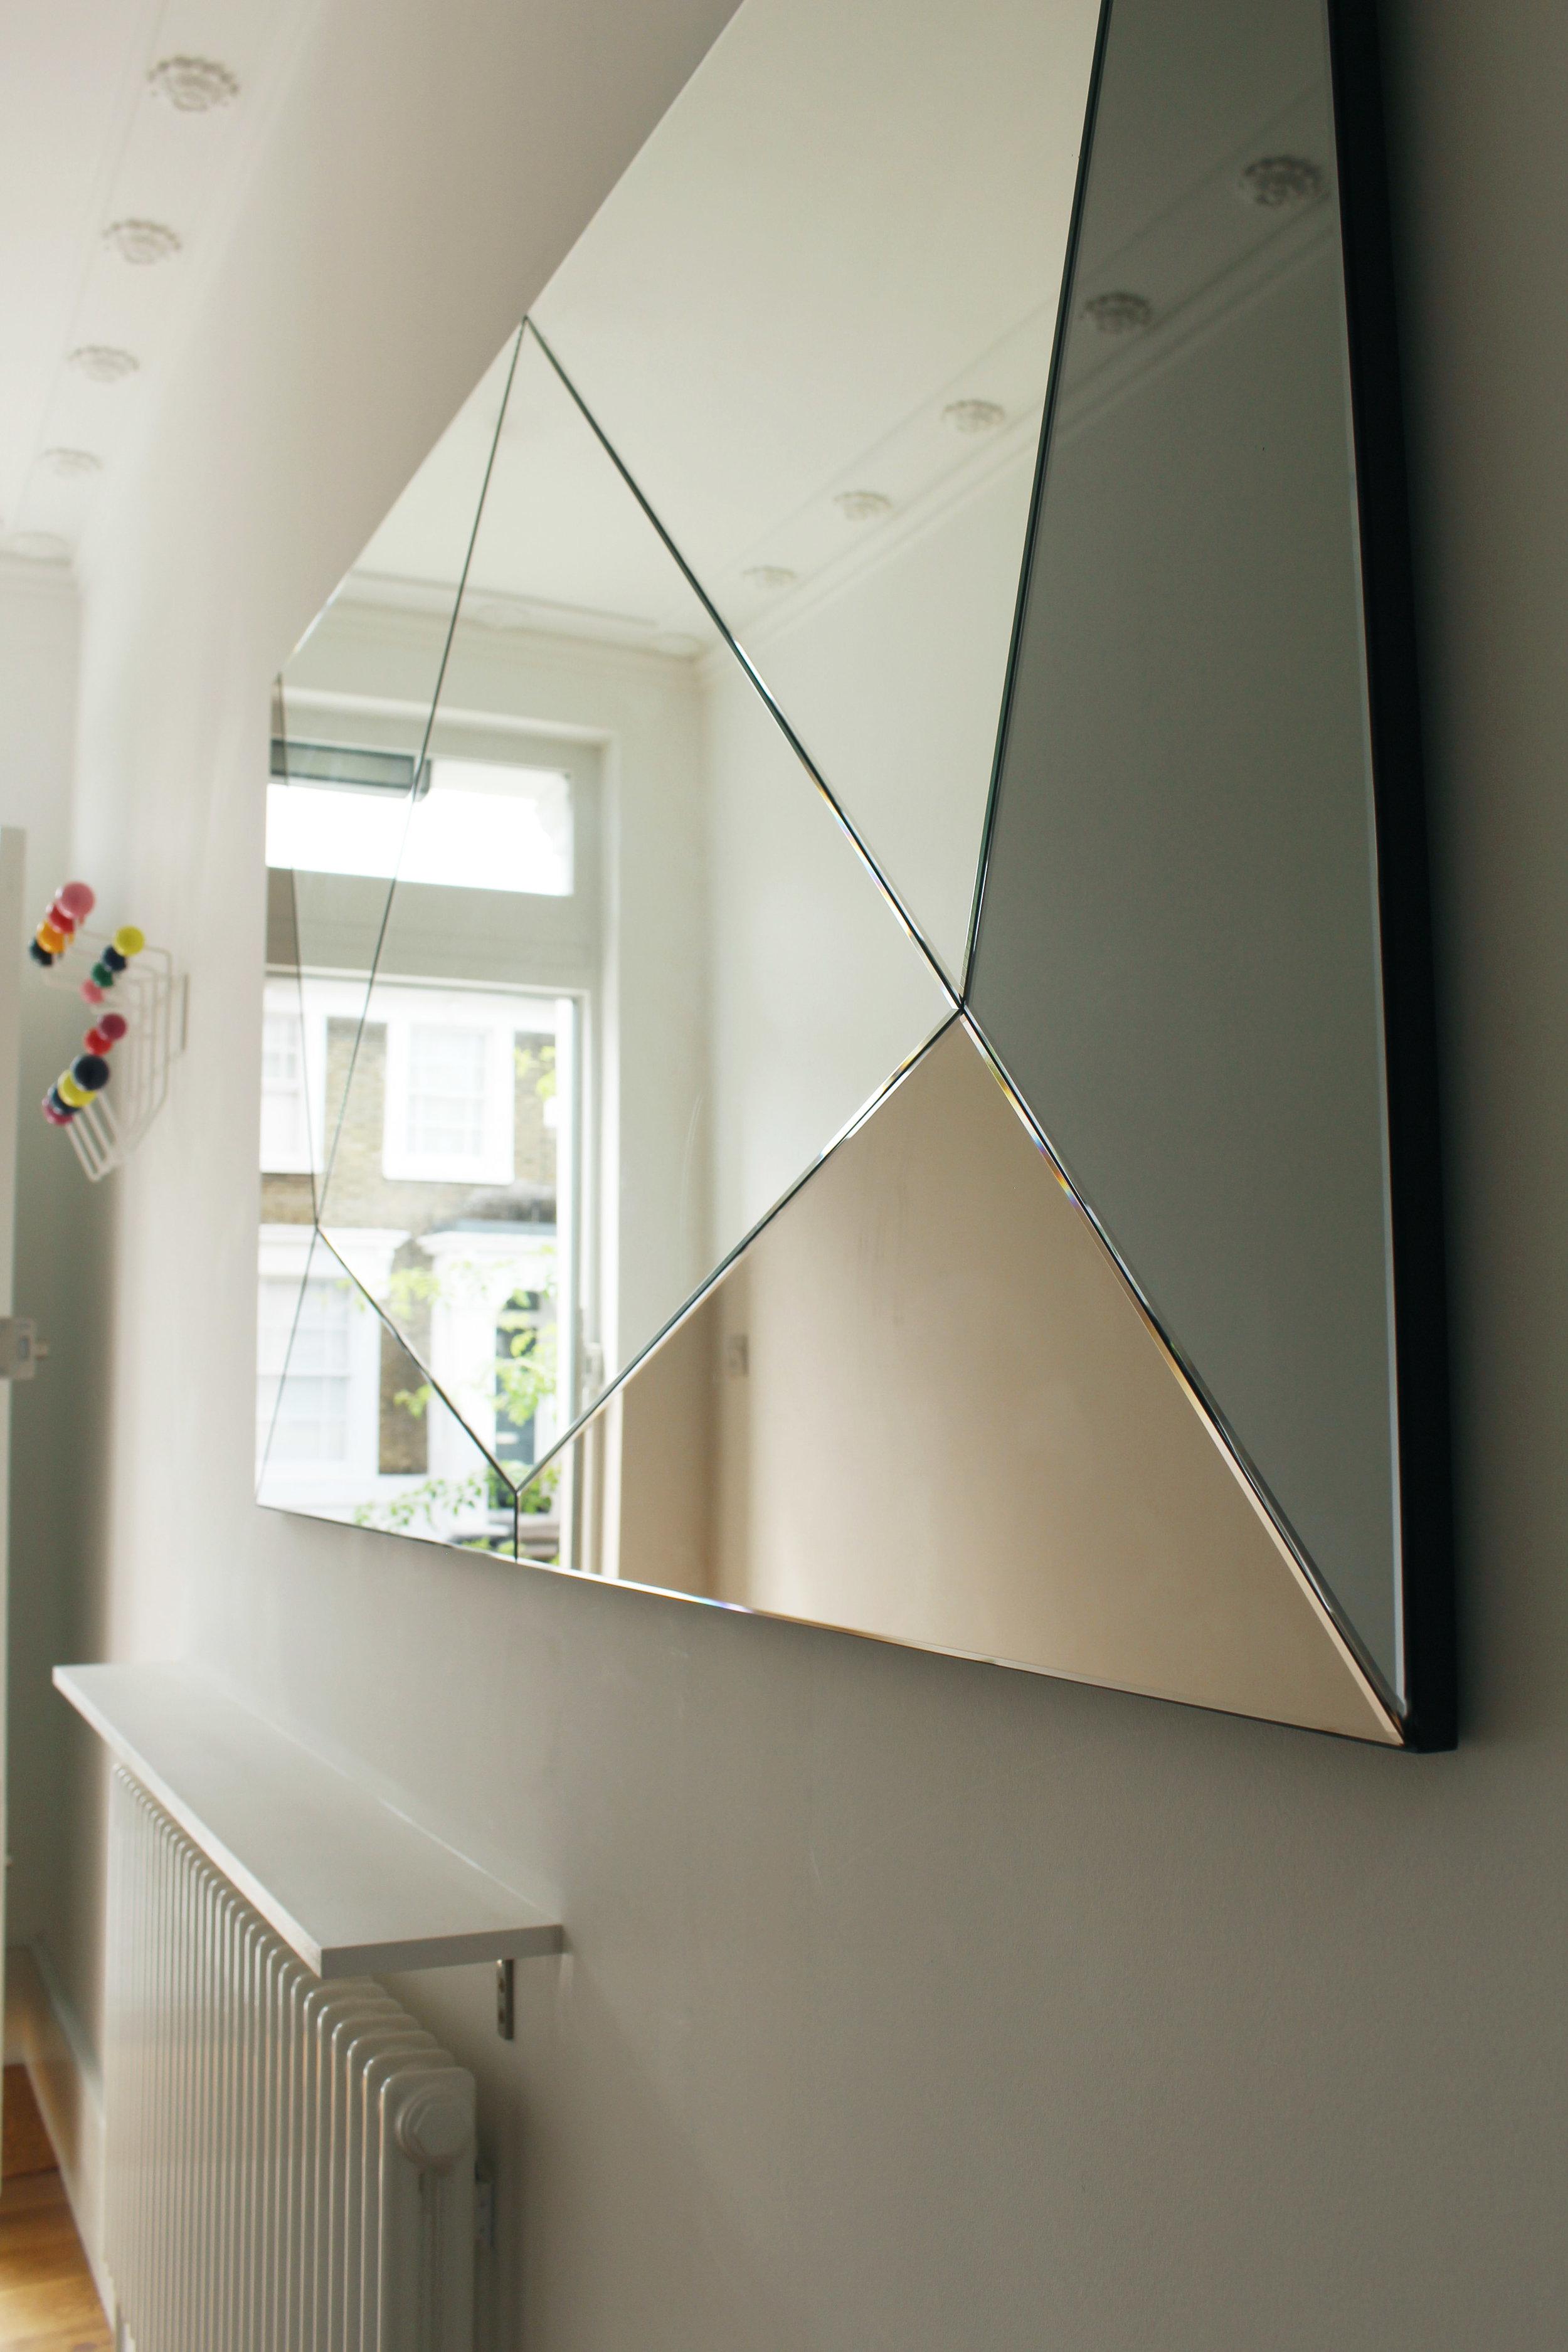 coloured geometric mirror commission hallway vitra hooks haidee drew.jpg